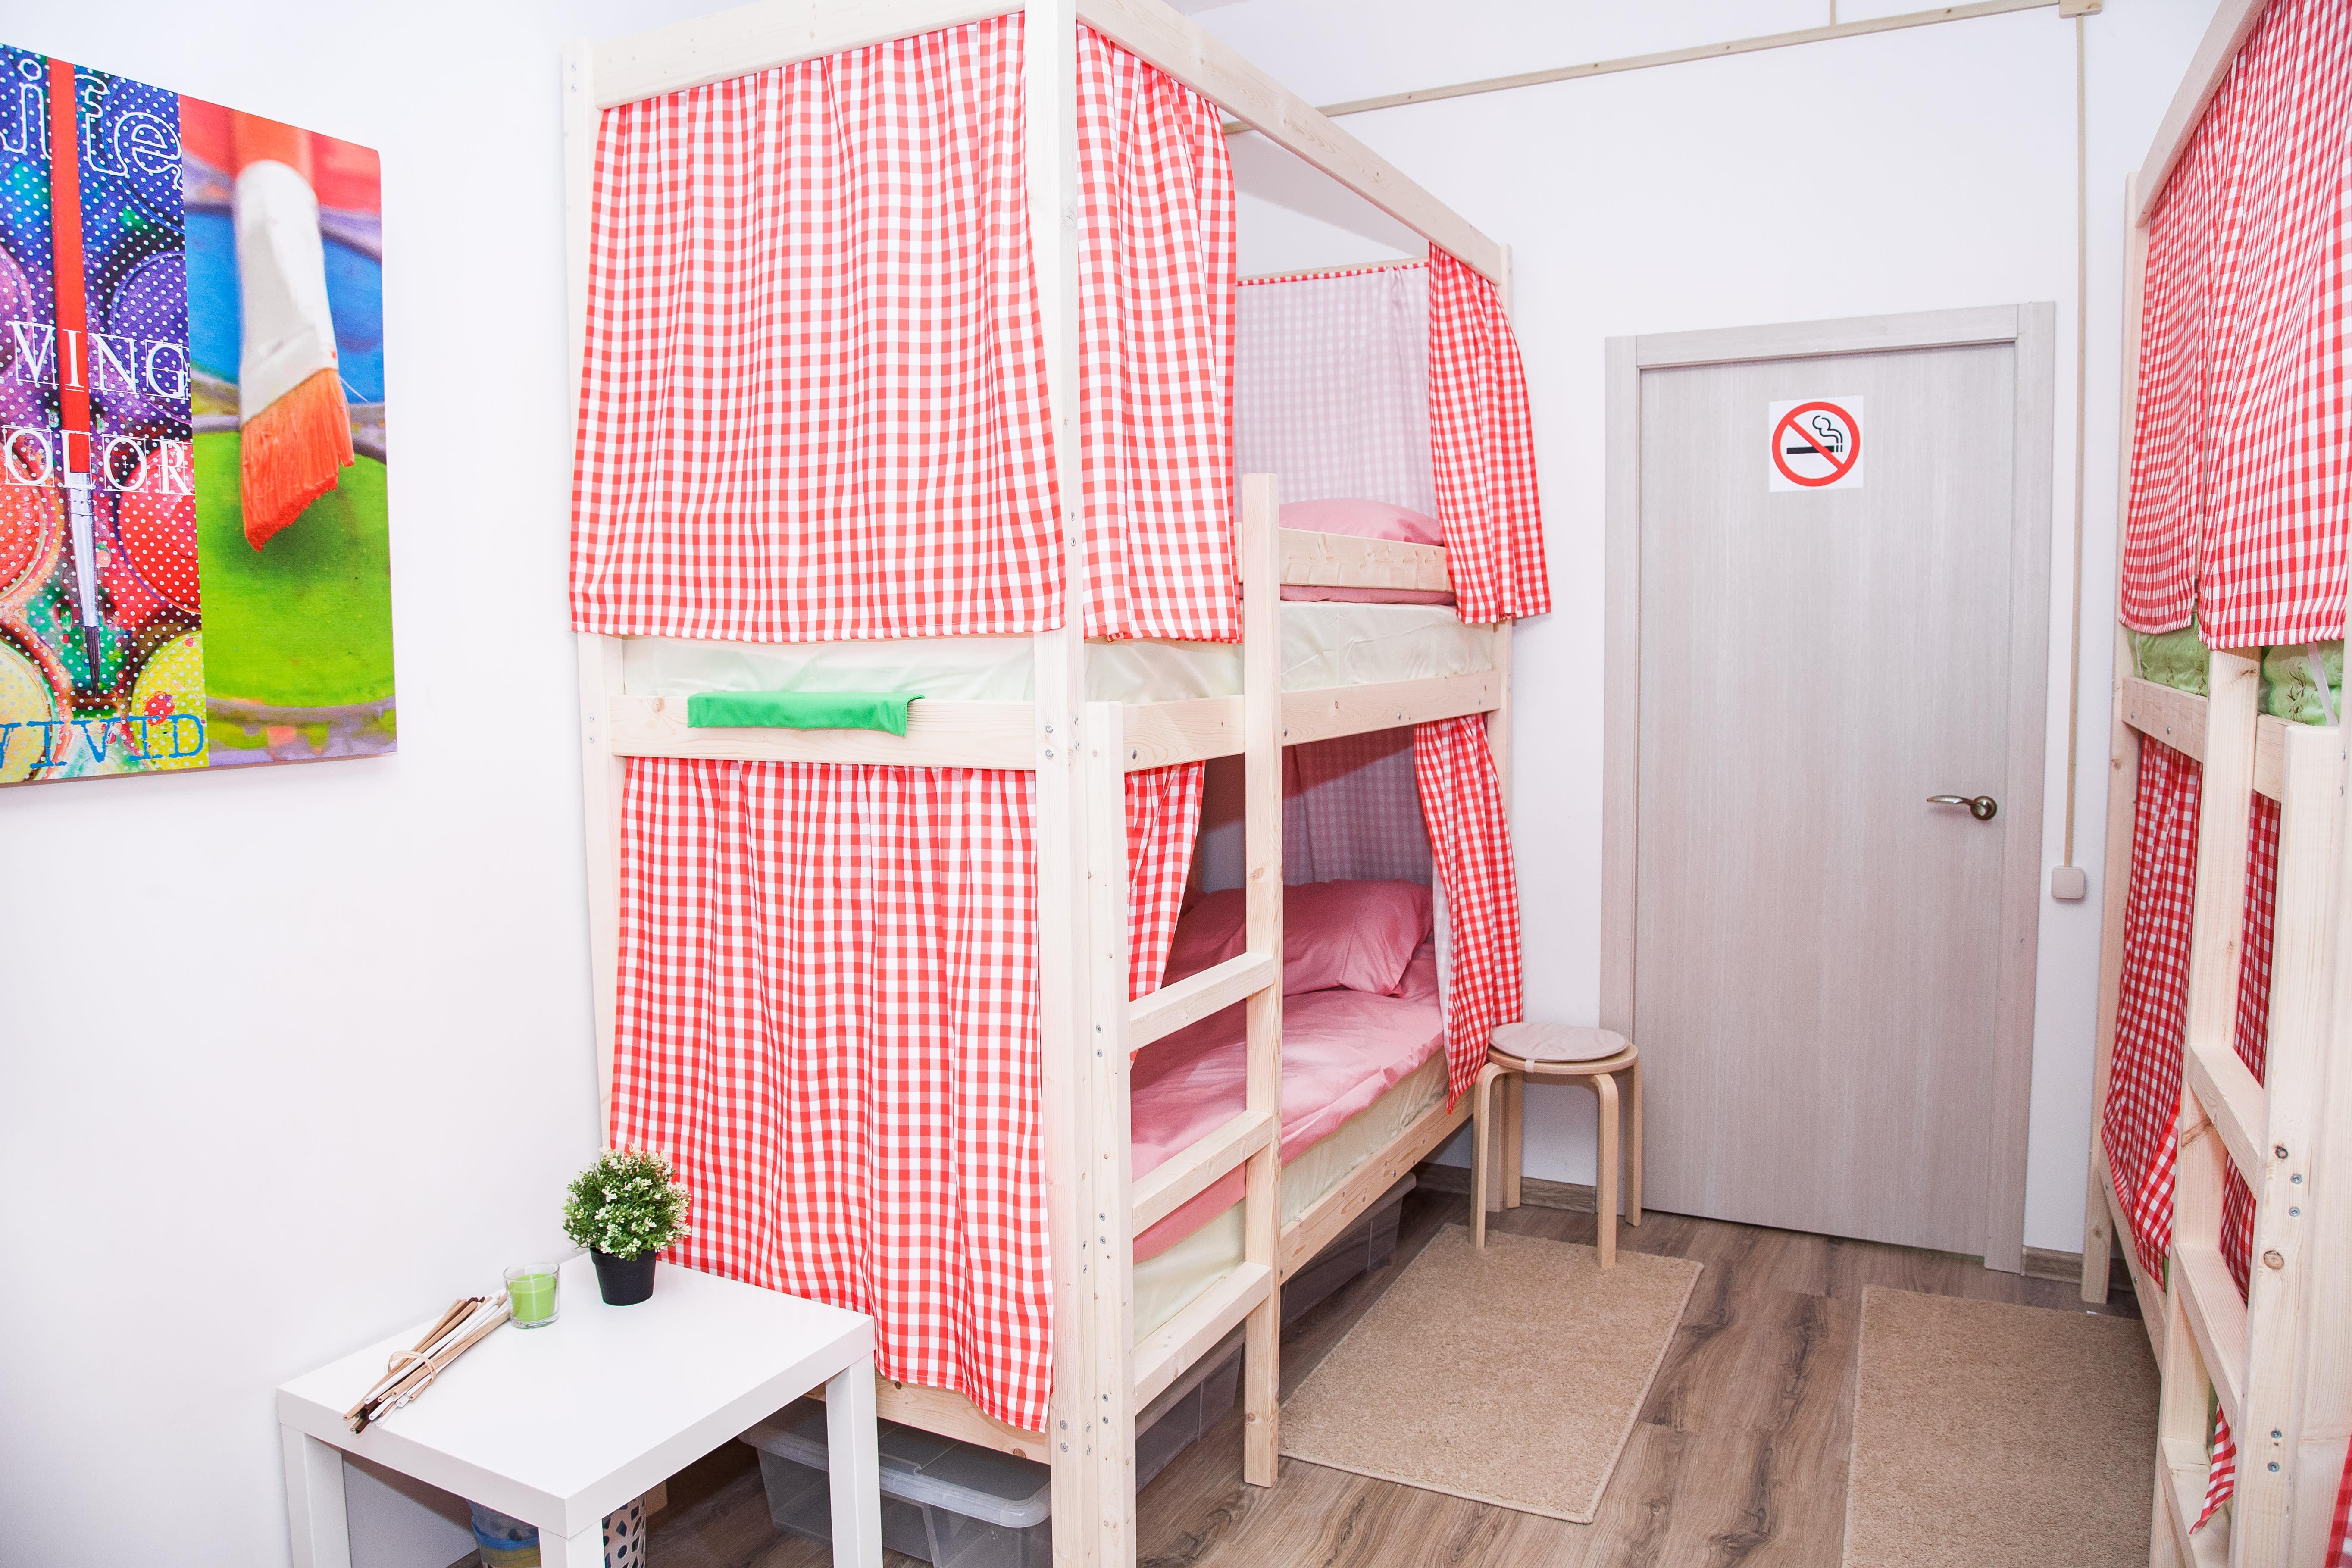 HOSTEL - Hostel MIR (Hostel Rus)